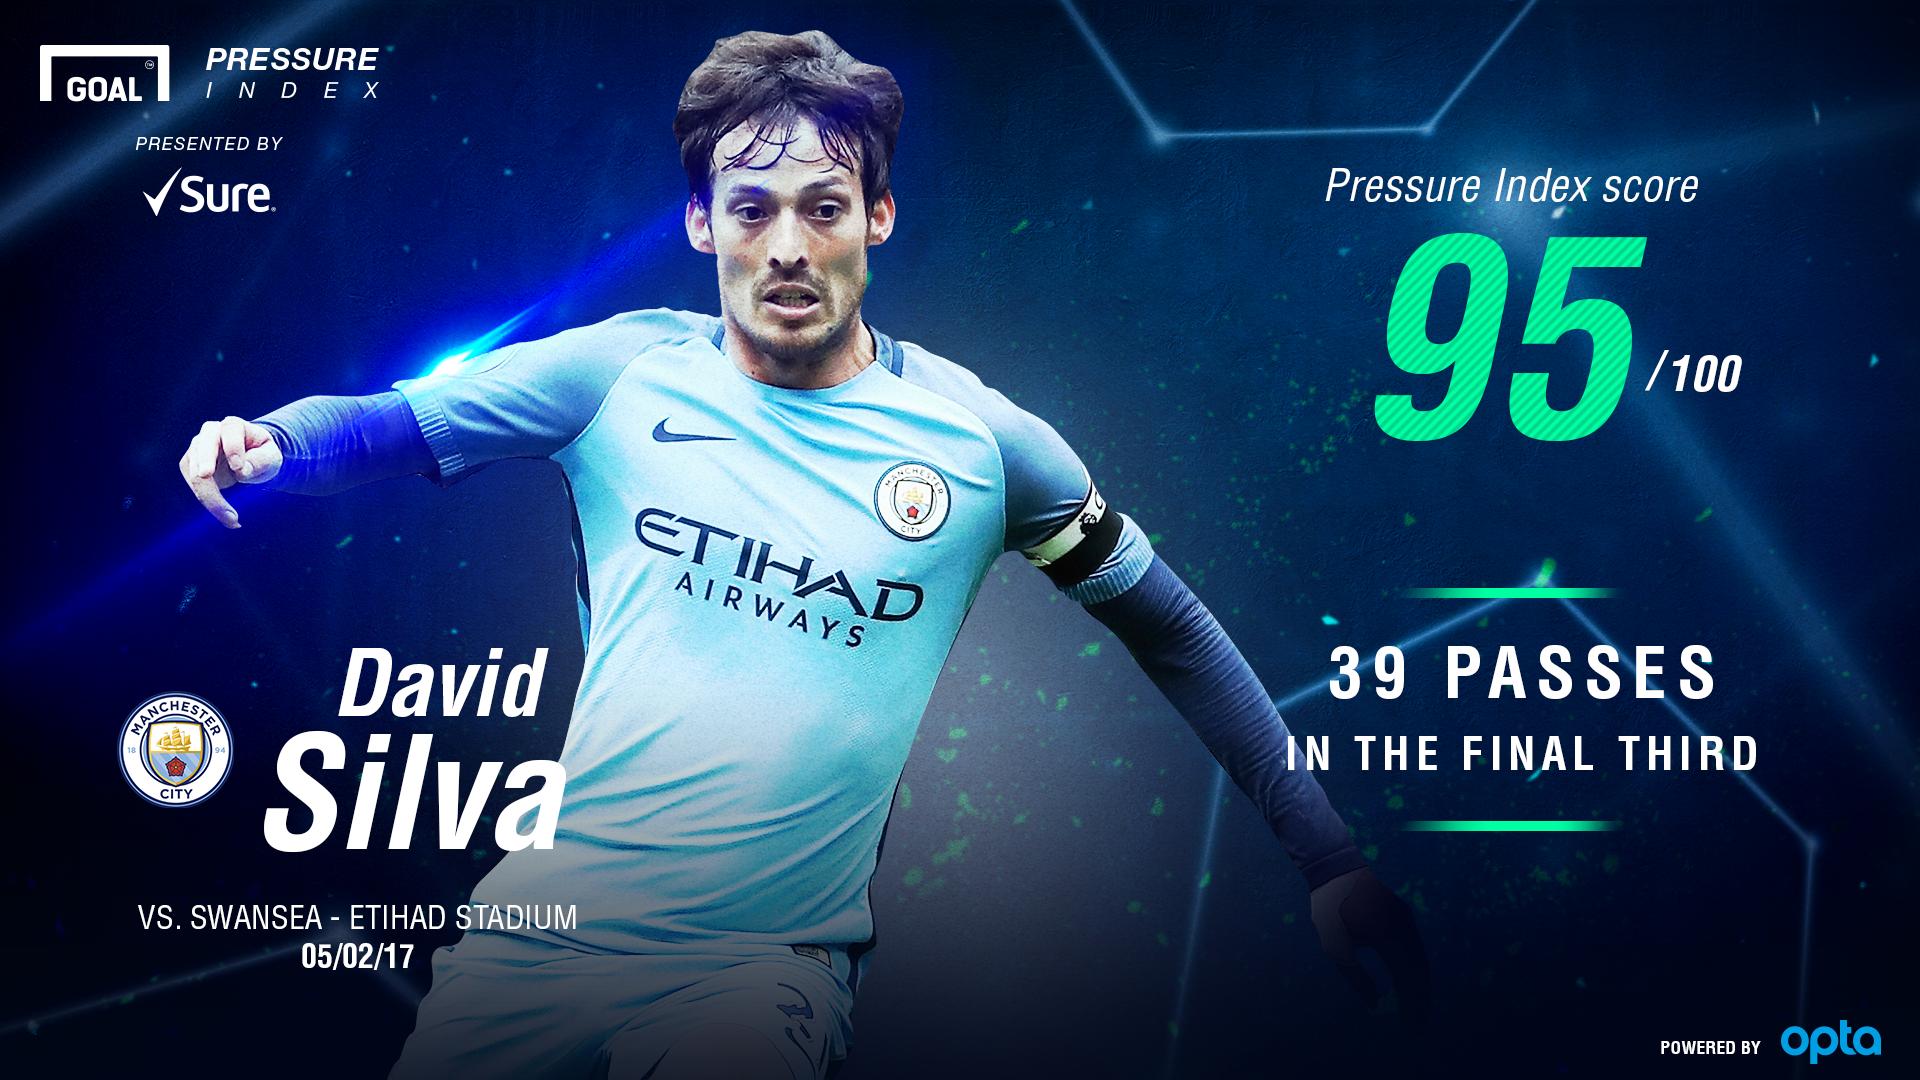 David Silva Pressure Index - Aguero Goal Vs Qpr Time , HD Wallpaper & Backgrounds